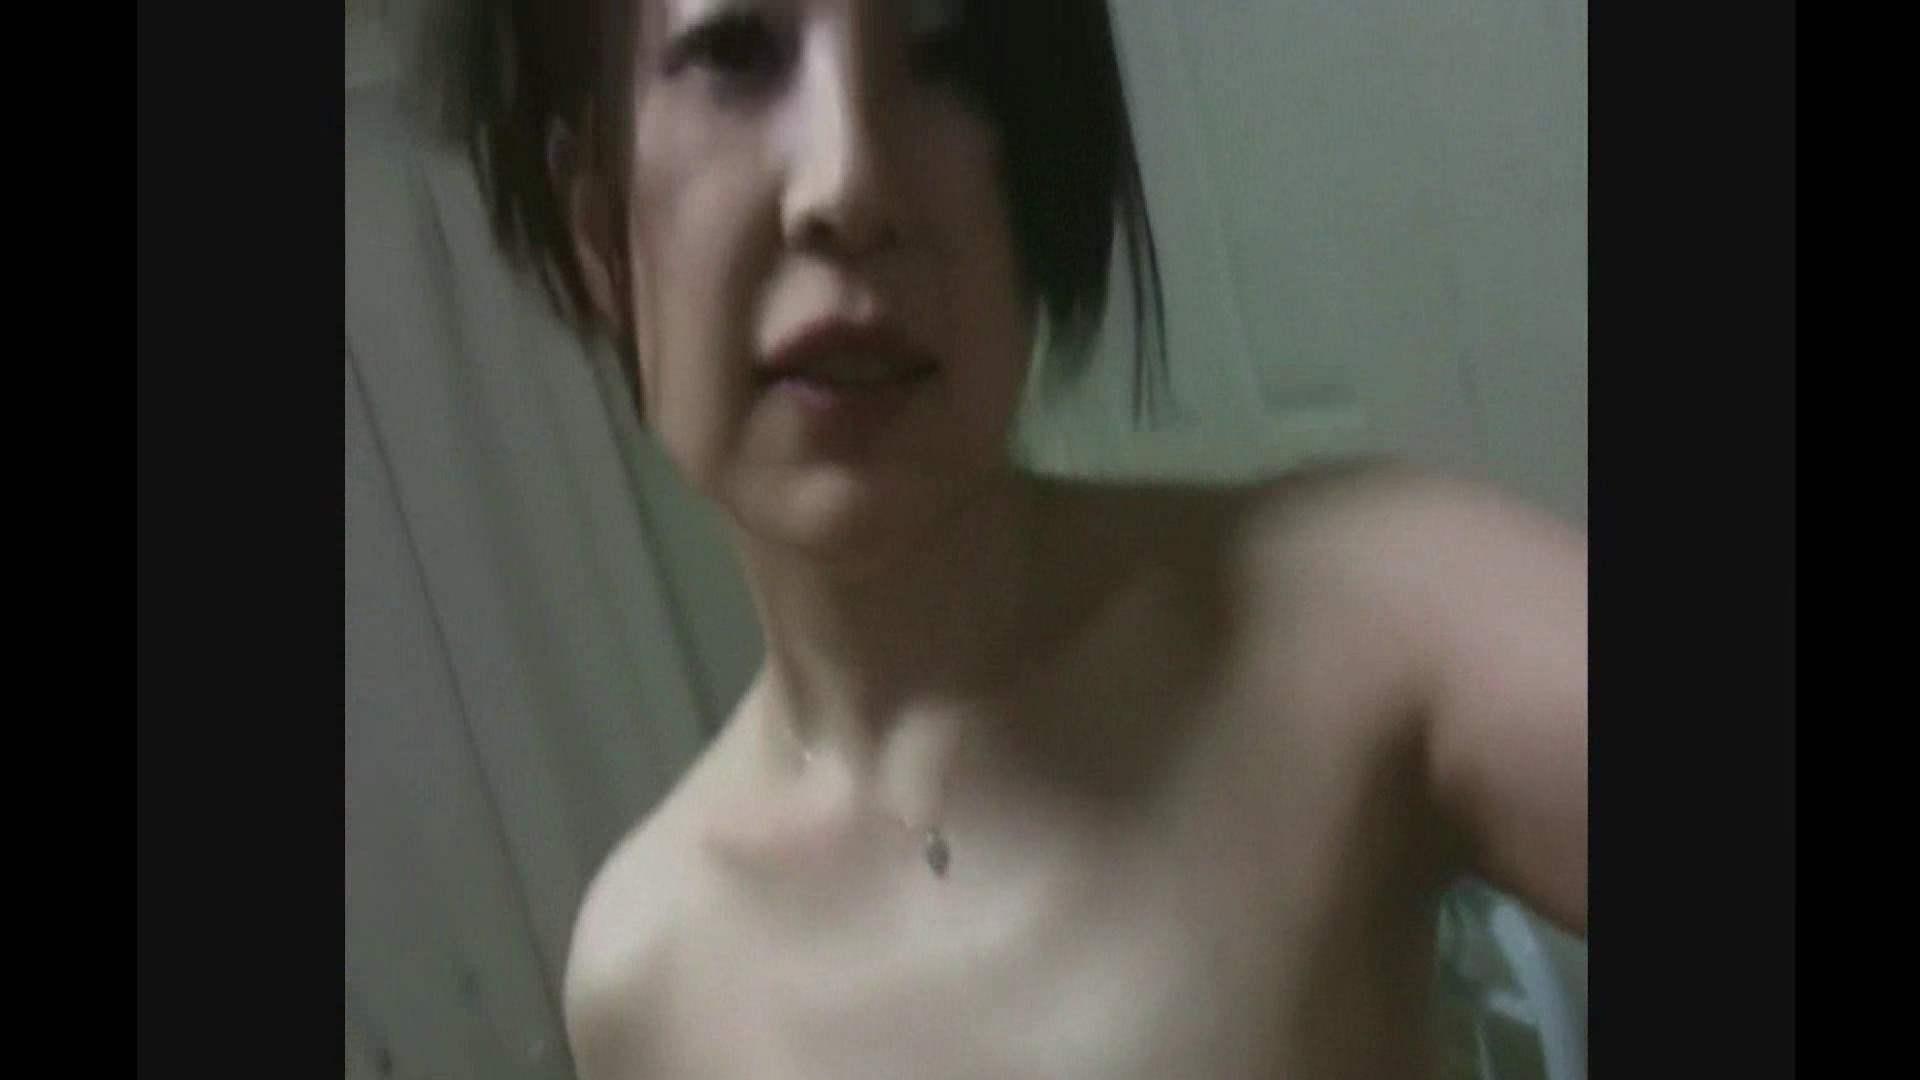 淫乱オナニー百花繚乱 Vol.01 OLの裸事情 おまんこ無修正動画無料 107枚 80